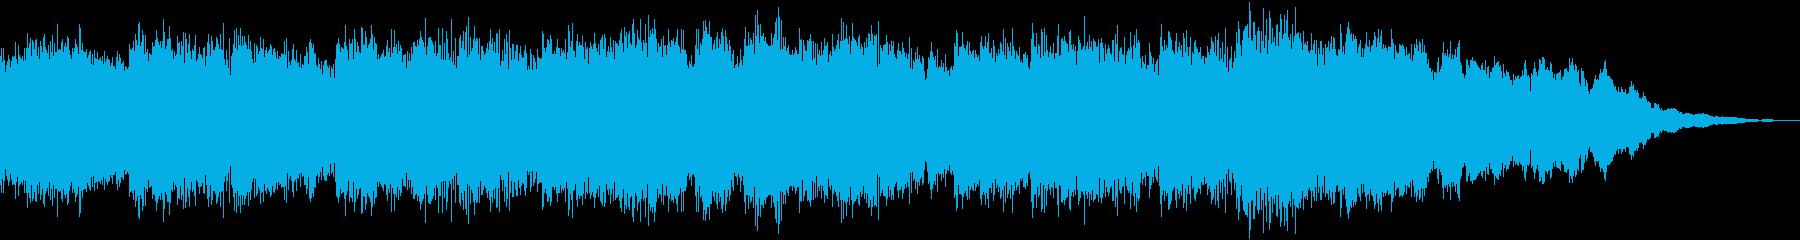 15秒CM用ピアノSEの再生済みの波形